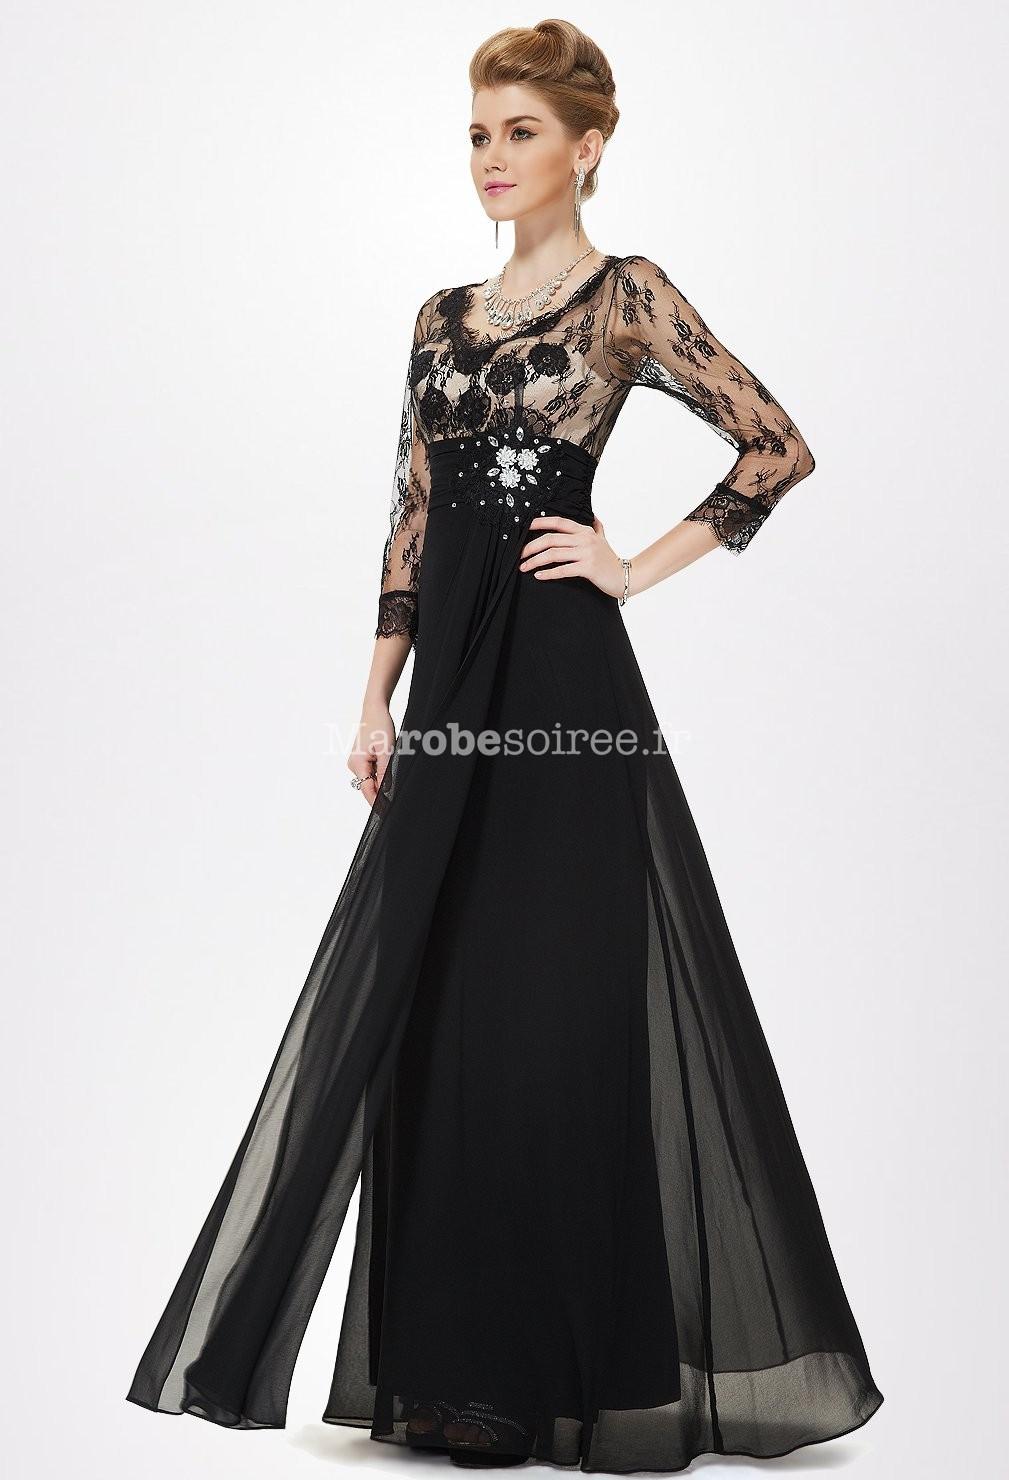 Violet; Noir; Robe longue de soirée avec buste en dentelle transparente avec  manche 3/4